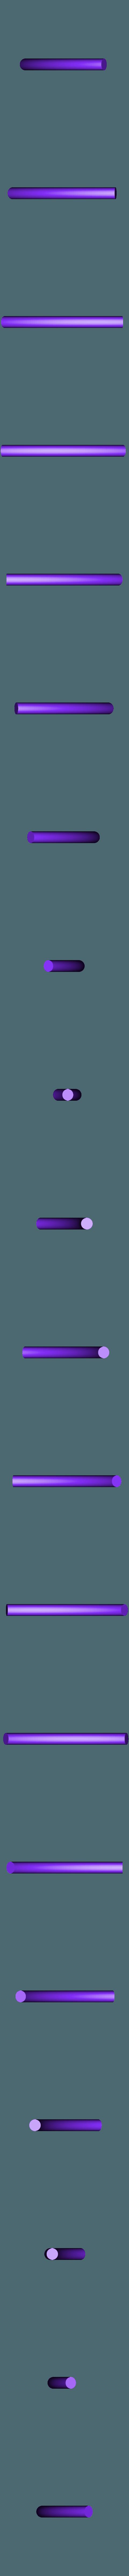 axle_3_45.STL Télécharger fichier STL gratuit MEGA Expansion 200+ Pièces • Plan à imprimer en 3D, Pwentey